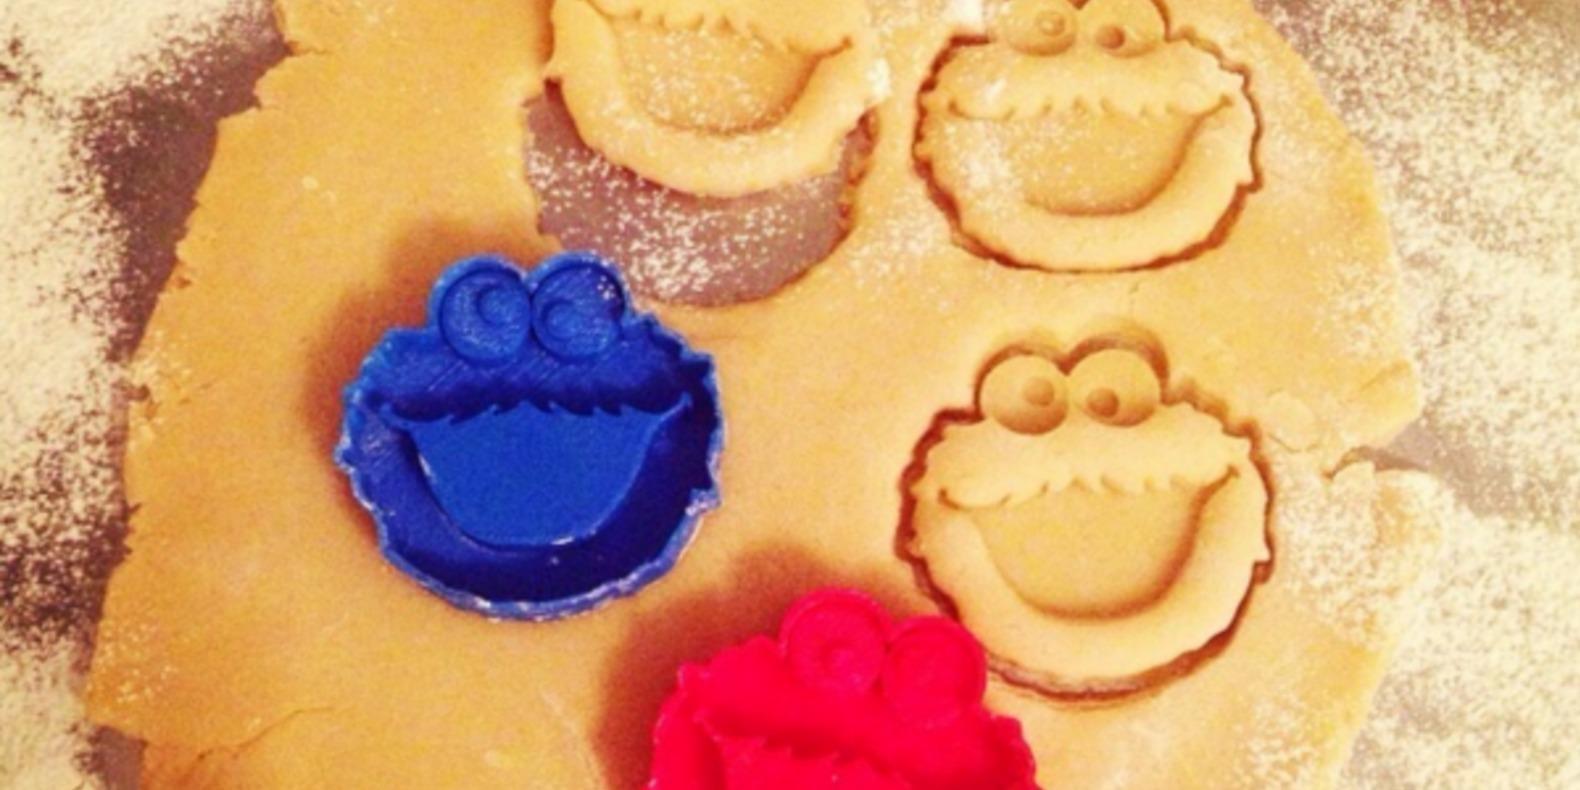 cookie monster emporte pièce cults 3D fichier 3D impression 3D patisserie 3